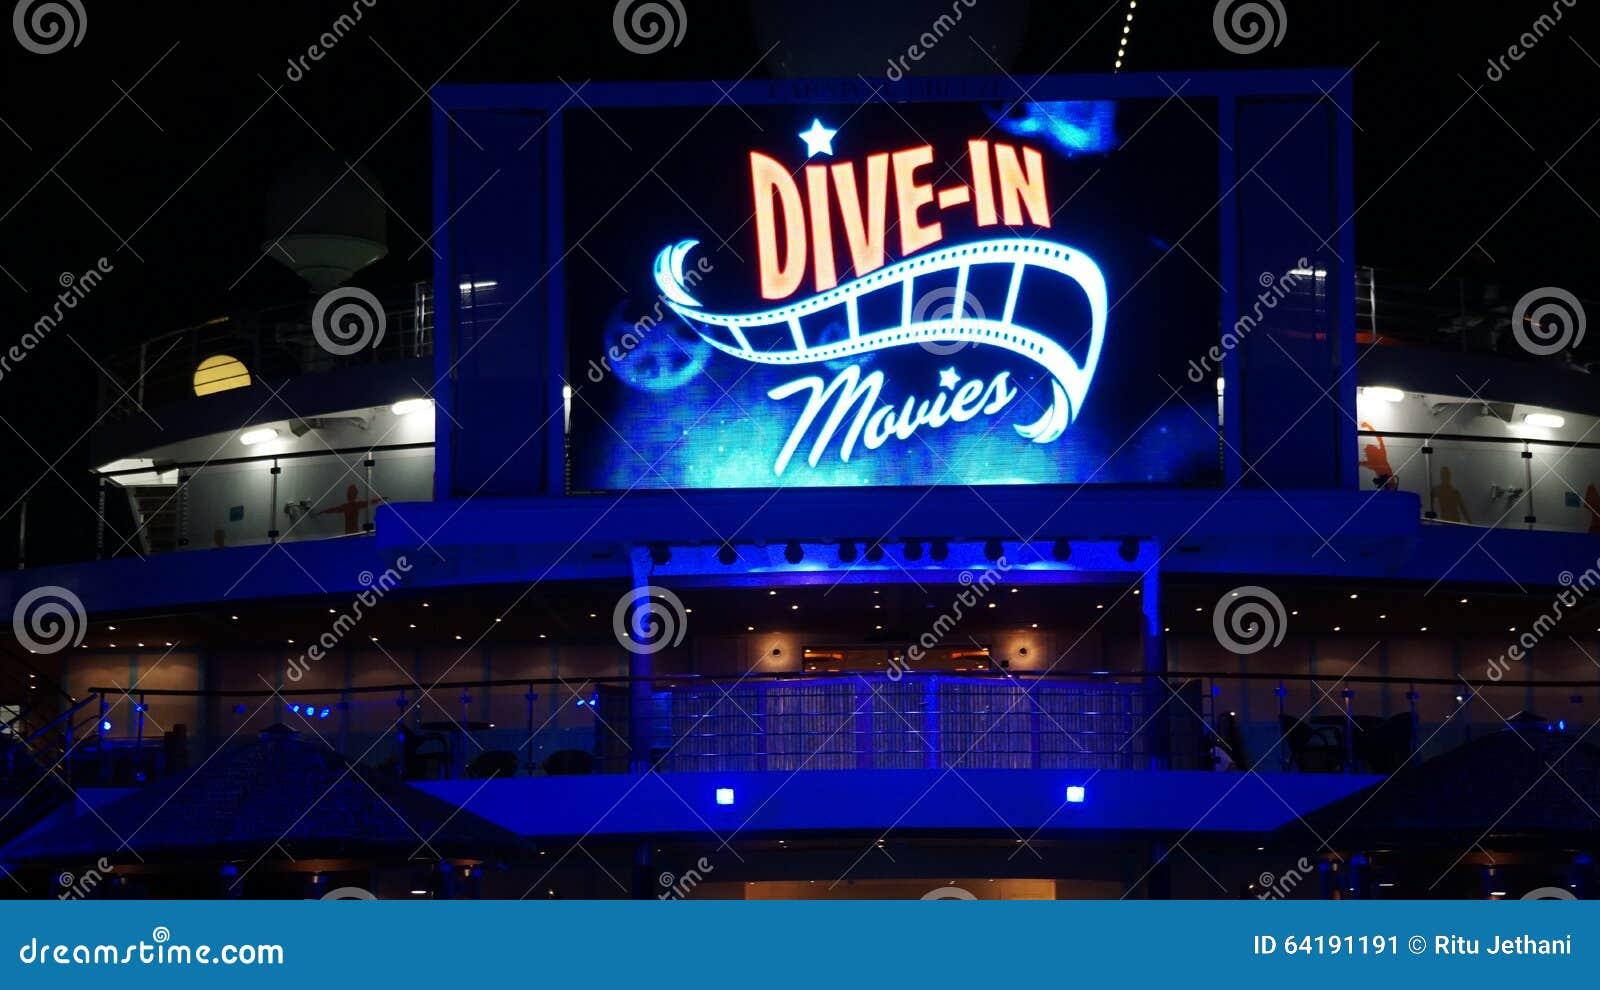 Home Decor In Miami Carnival Breeze Cruise Ship Editorial Image